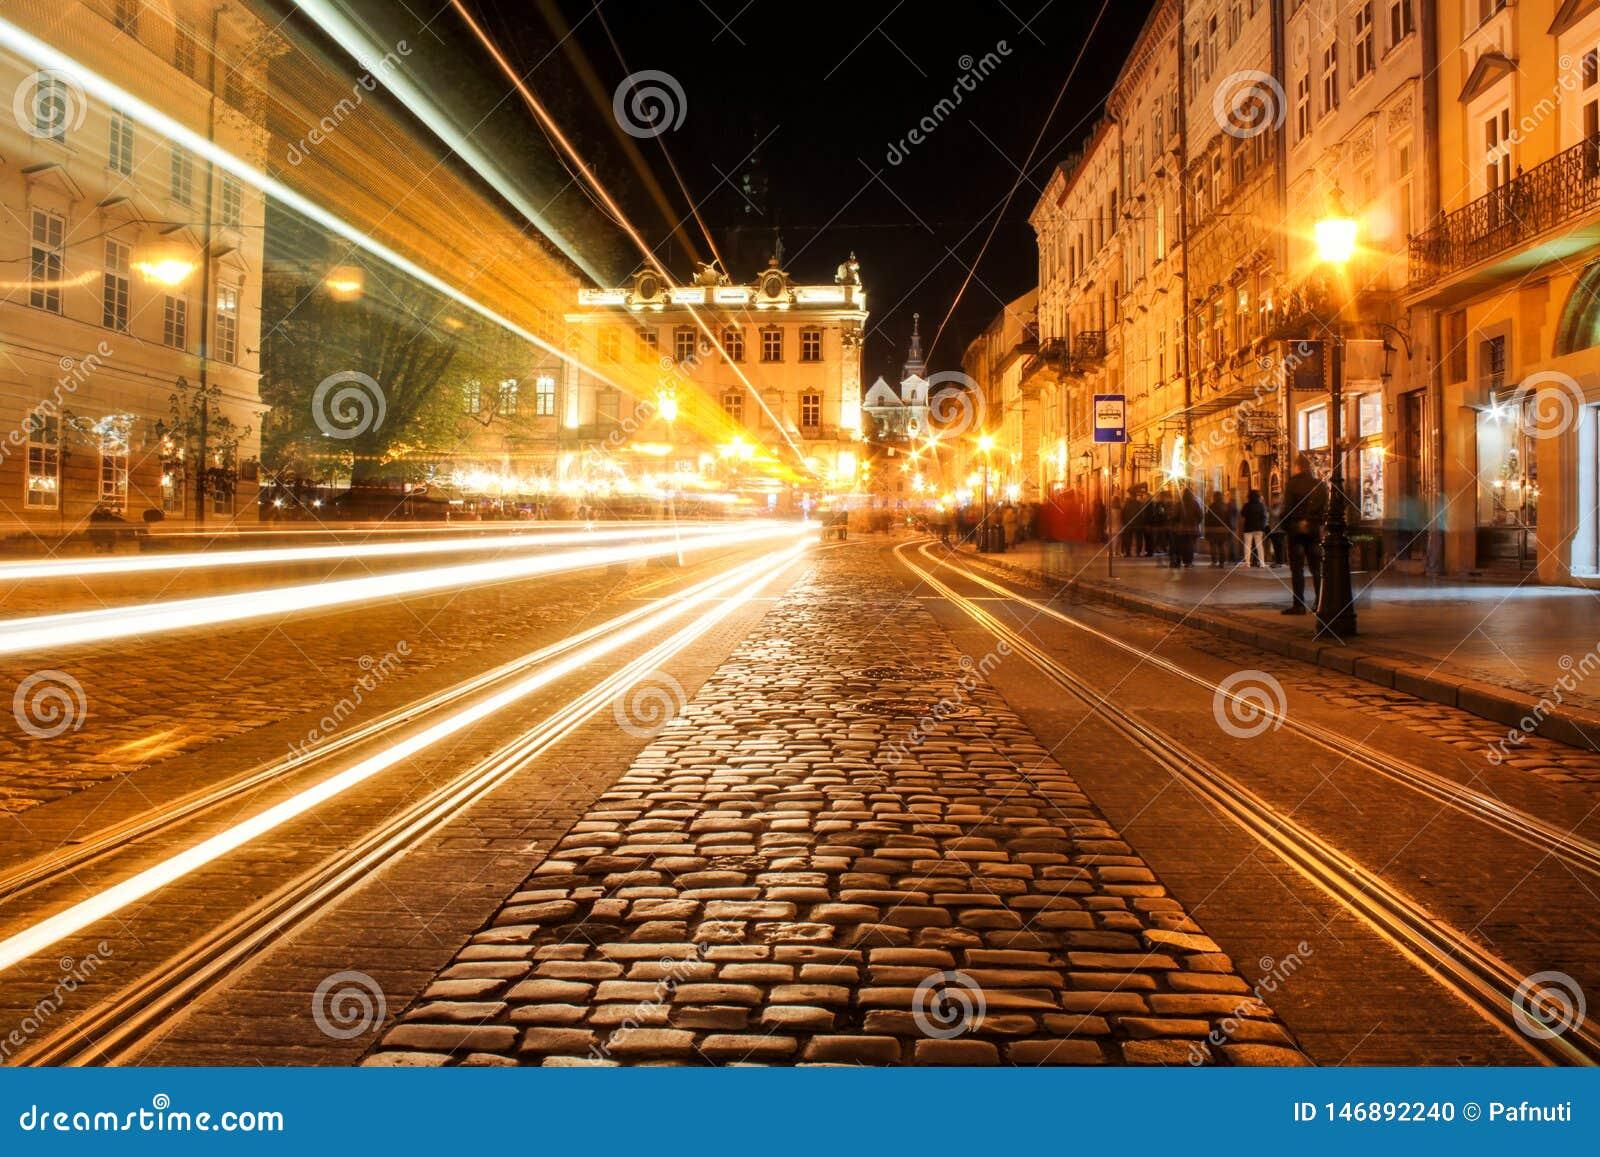 Widok nocy ulica Europejski ?redniowieczny miasto